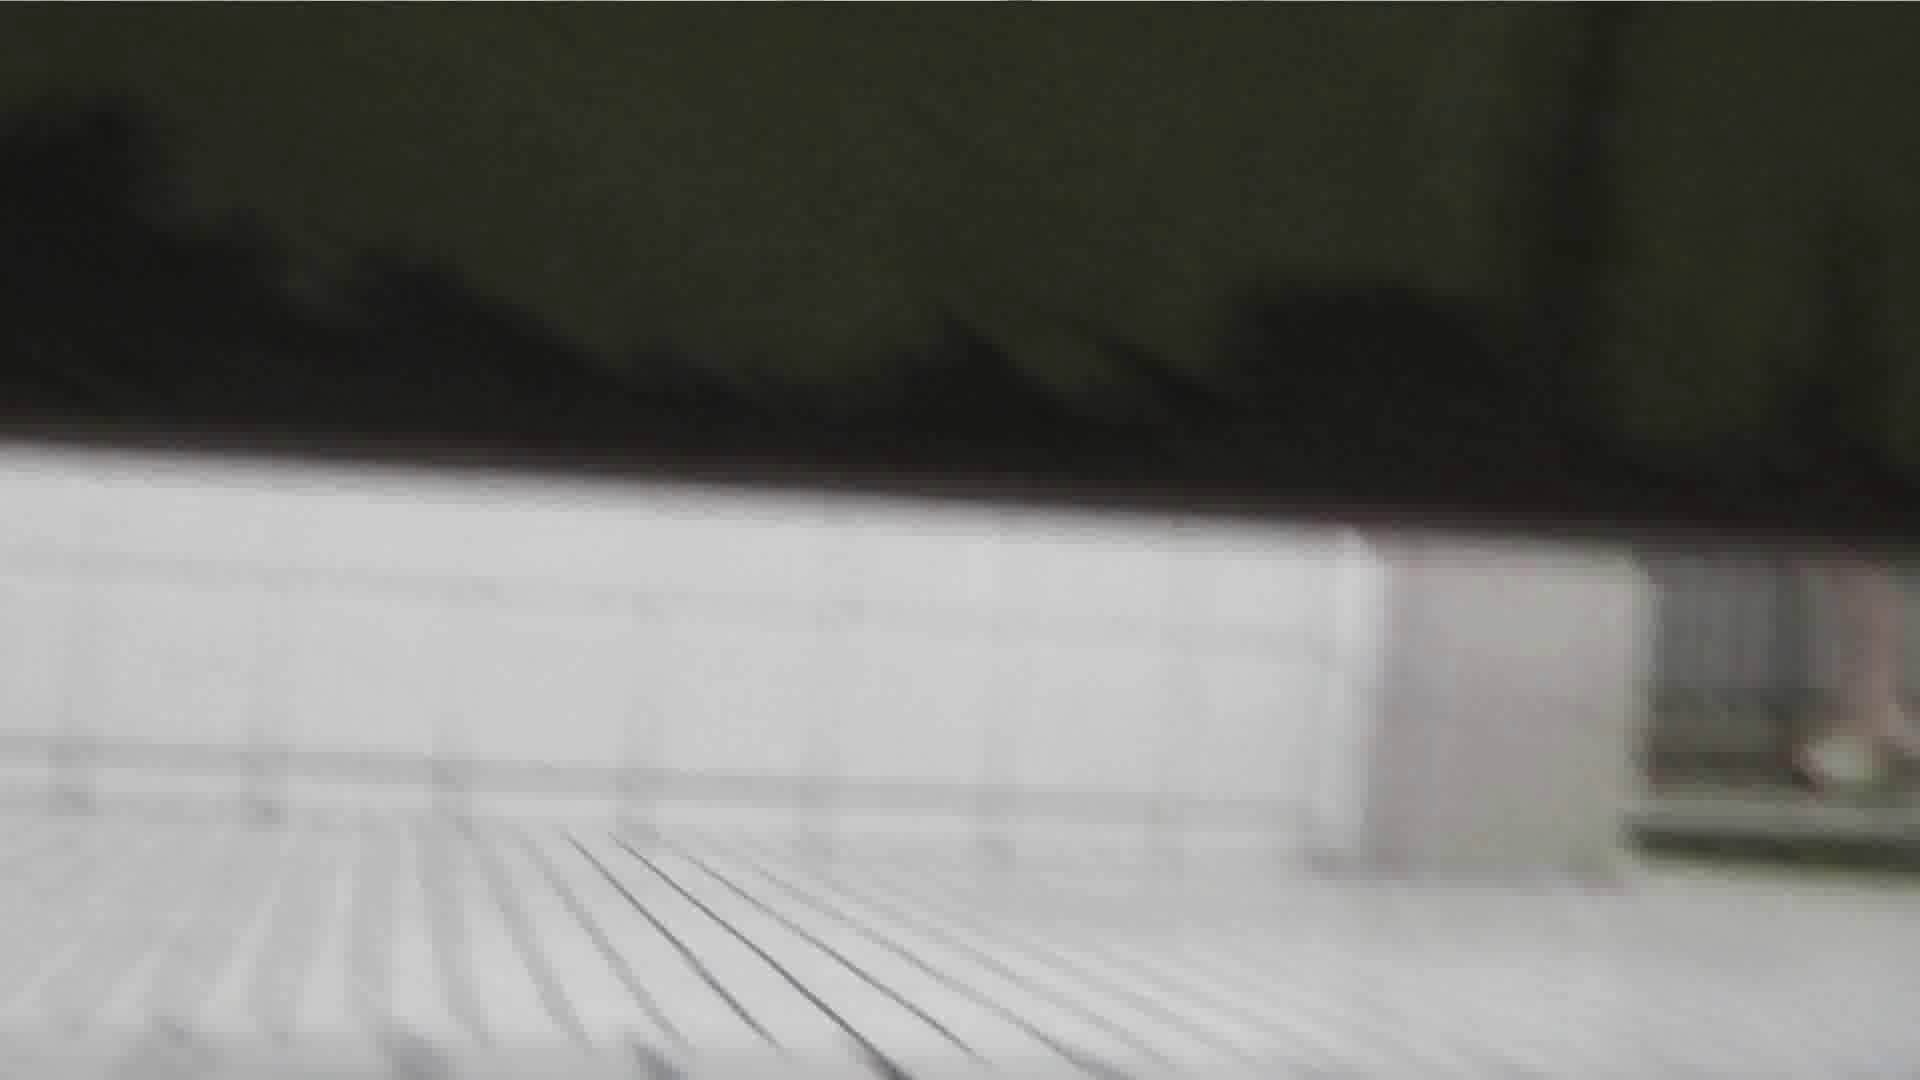 【美しき個室な世界】 vol.023 めんこい人たち 洗面所 | 色っぽいOL達  104pic 11